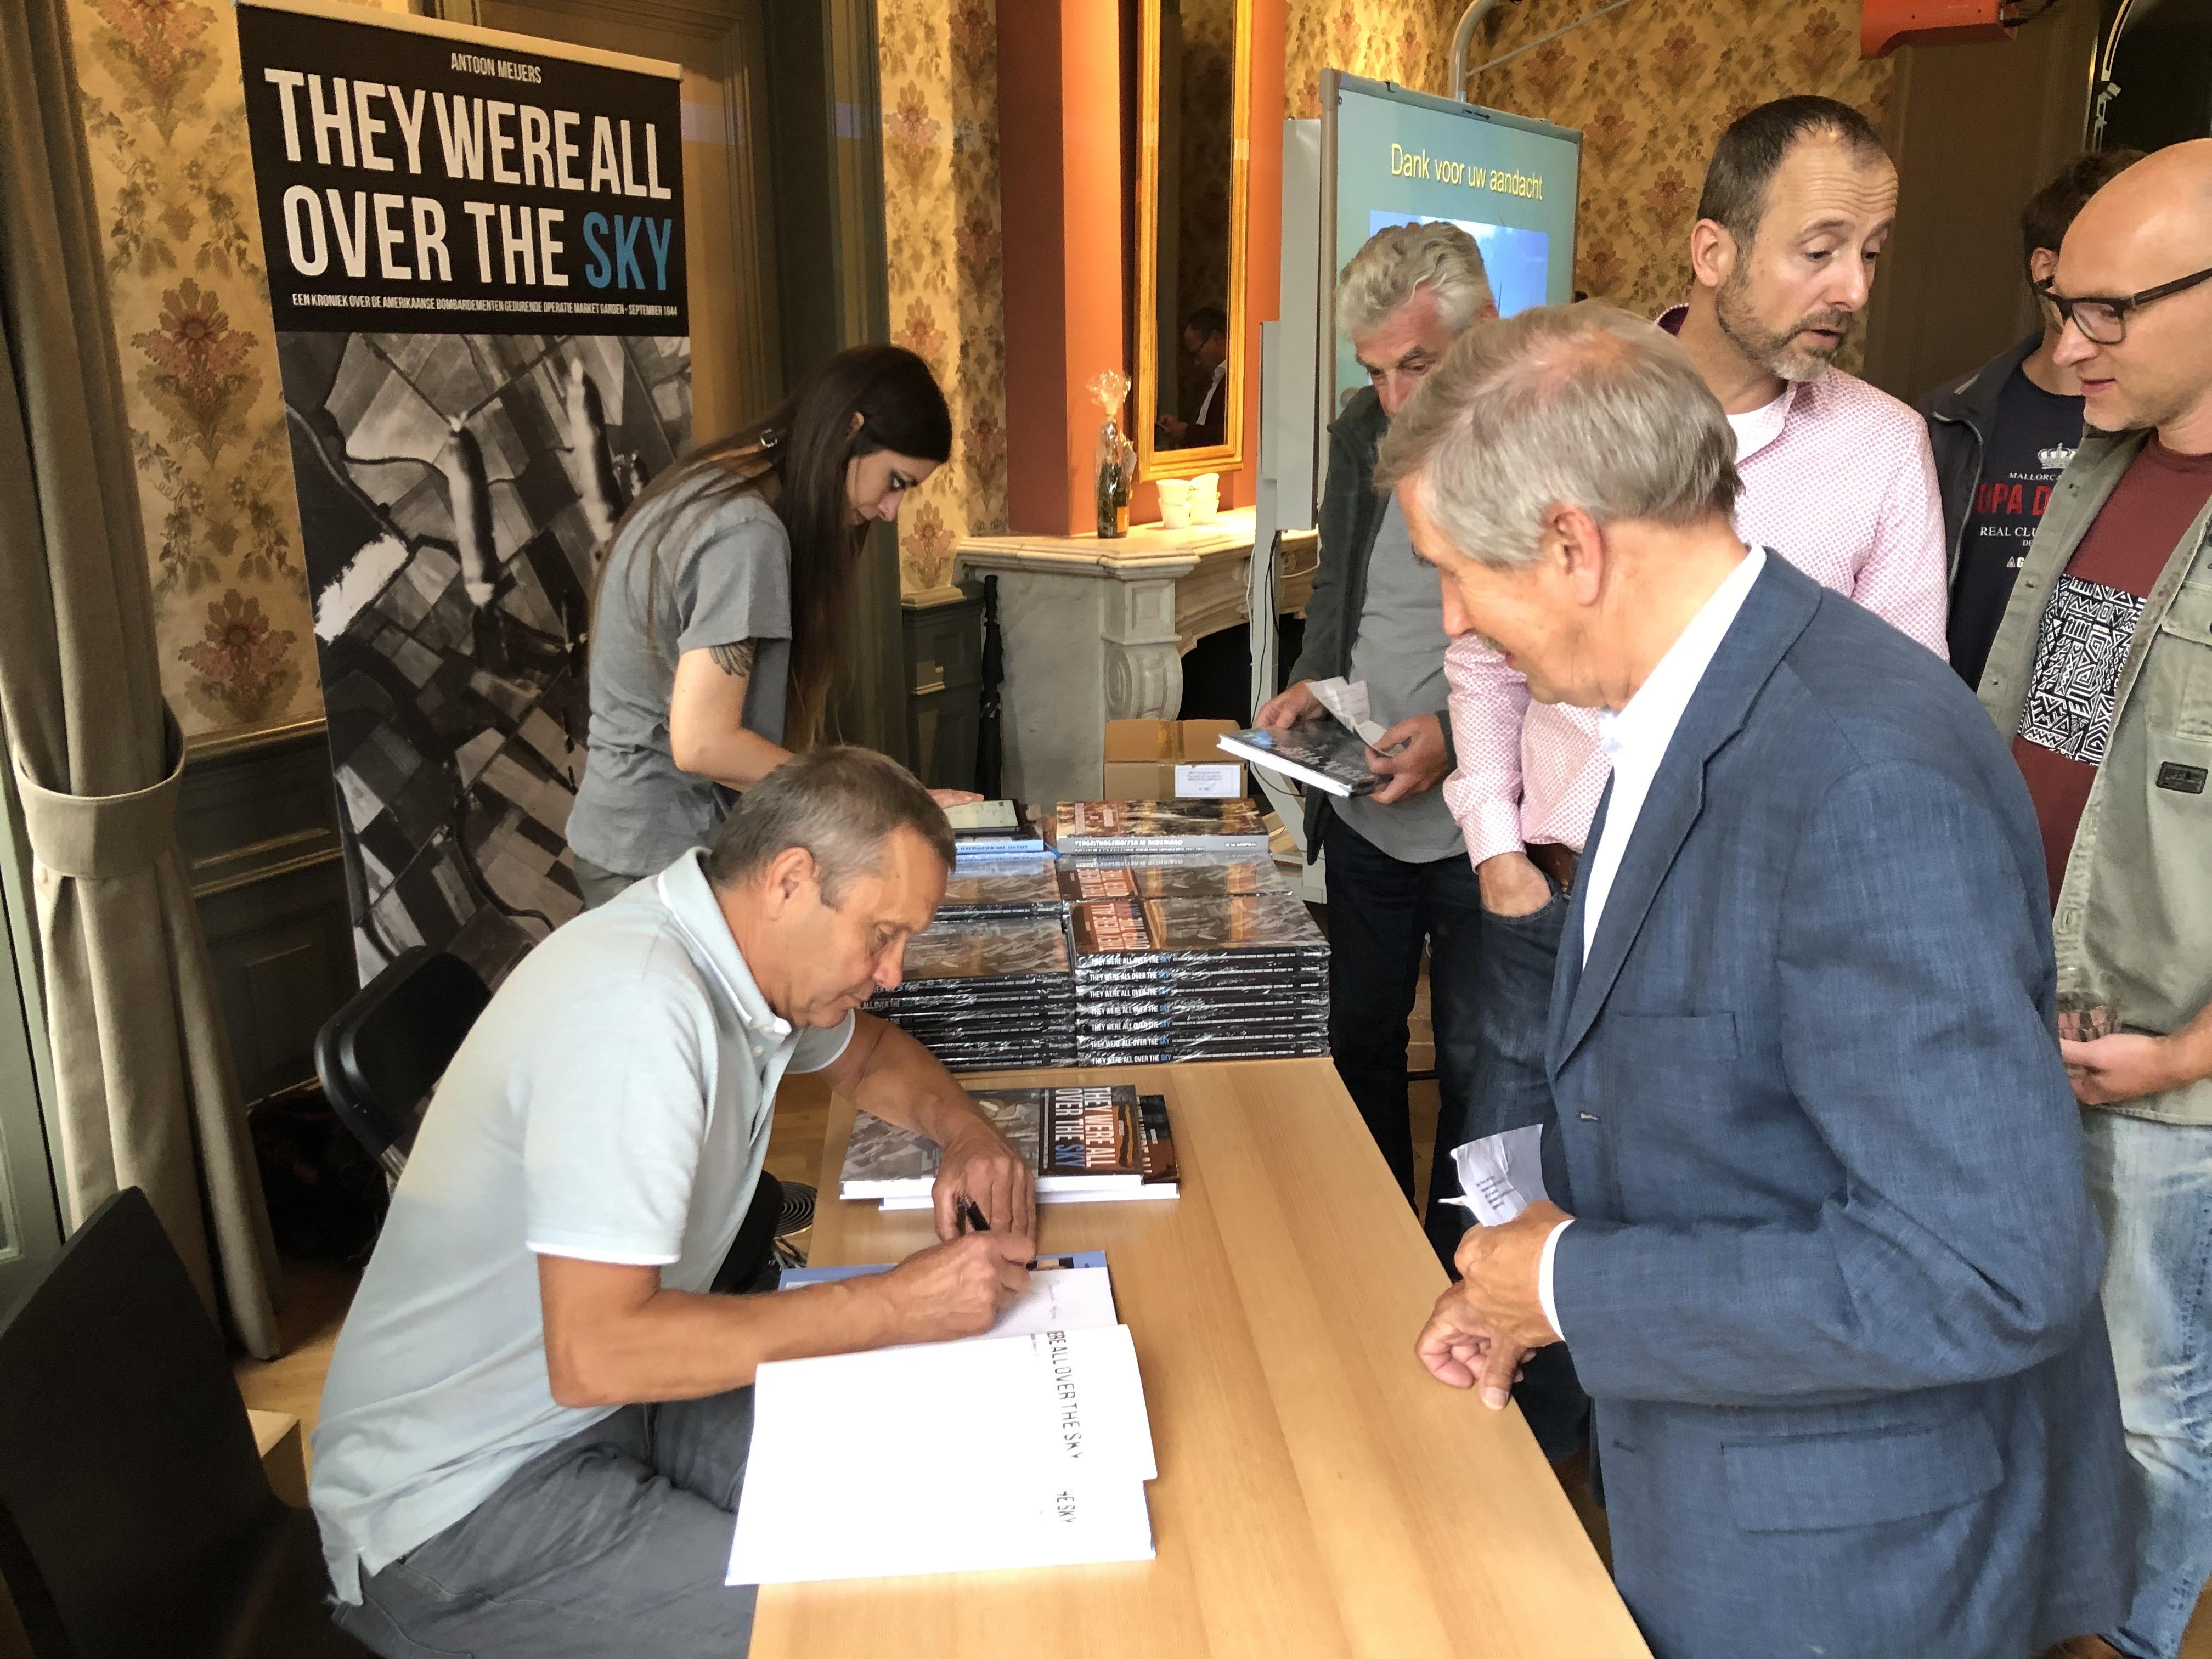 Auteur Antoon Meijers signeert de boeken (copyrights Flying Pencil NL B.V.)